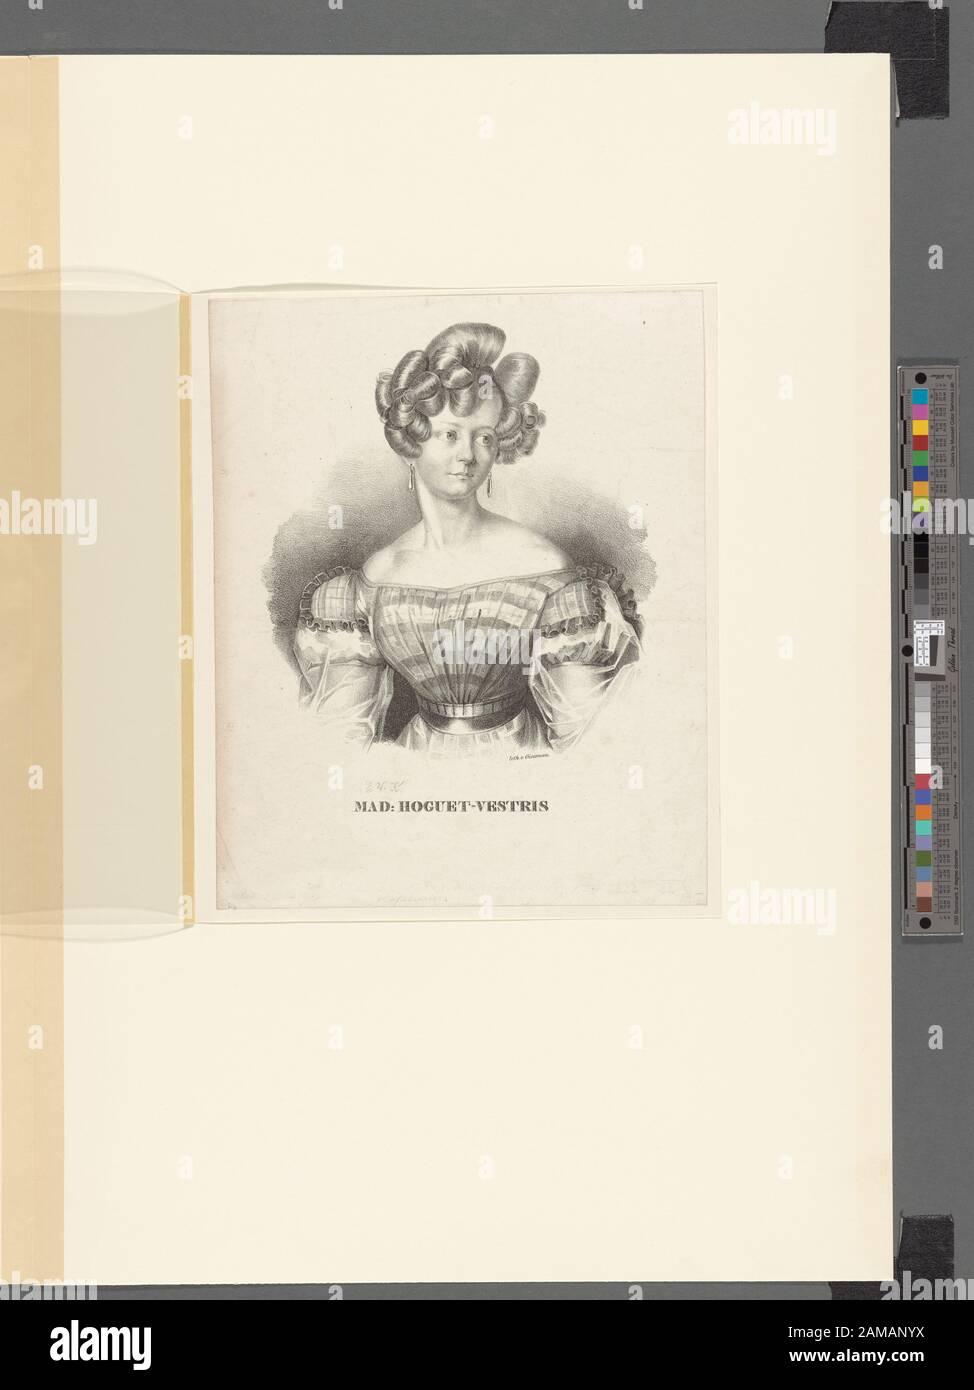 Retrato Imagen Inferior: Mad: Hoguet-Vestris. Retrato de media longitud del bailarín, ojos a la derecha. Su cabello está arreglado en rizos elaborados; ella está usando un vestido de cuadros.; Retrato. Foto de stock